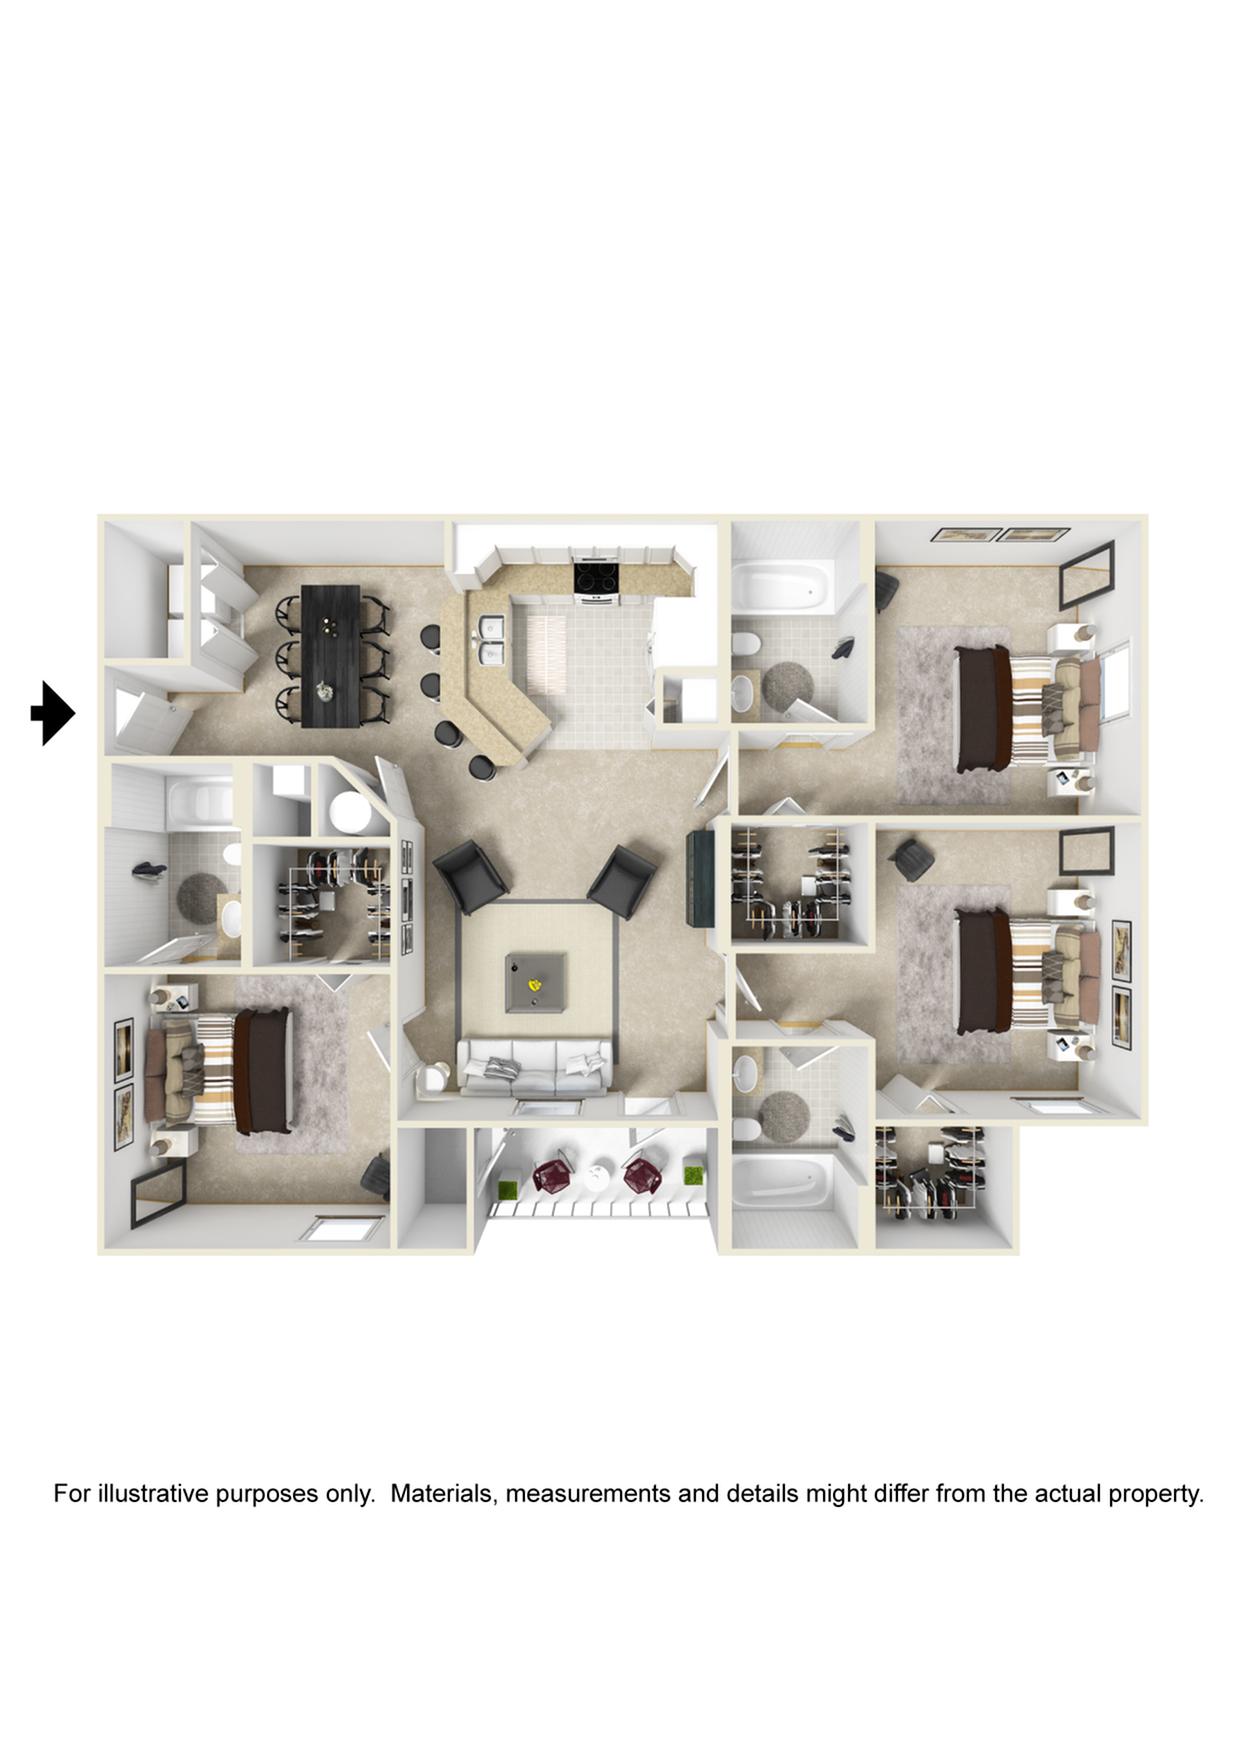 3 Bedroom 3 Bathroom Floor Plan Image of The Jewel